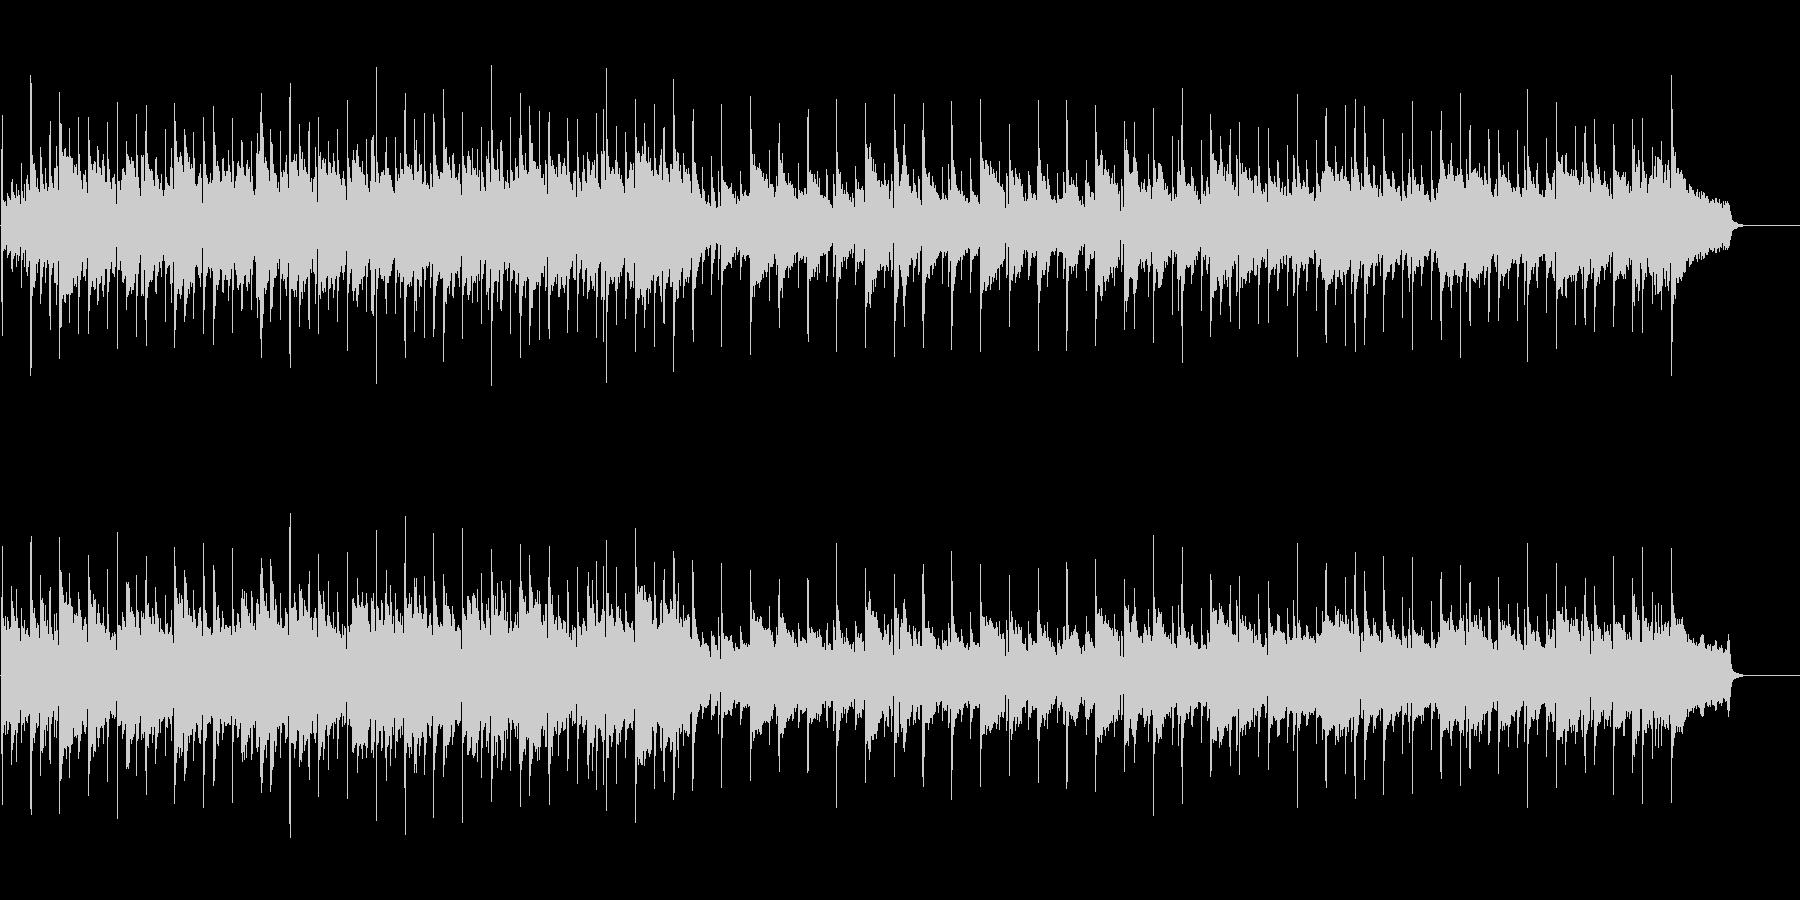 小さく聞こえるサックスの穏やかバンド曲の未再生の波形